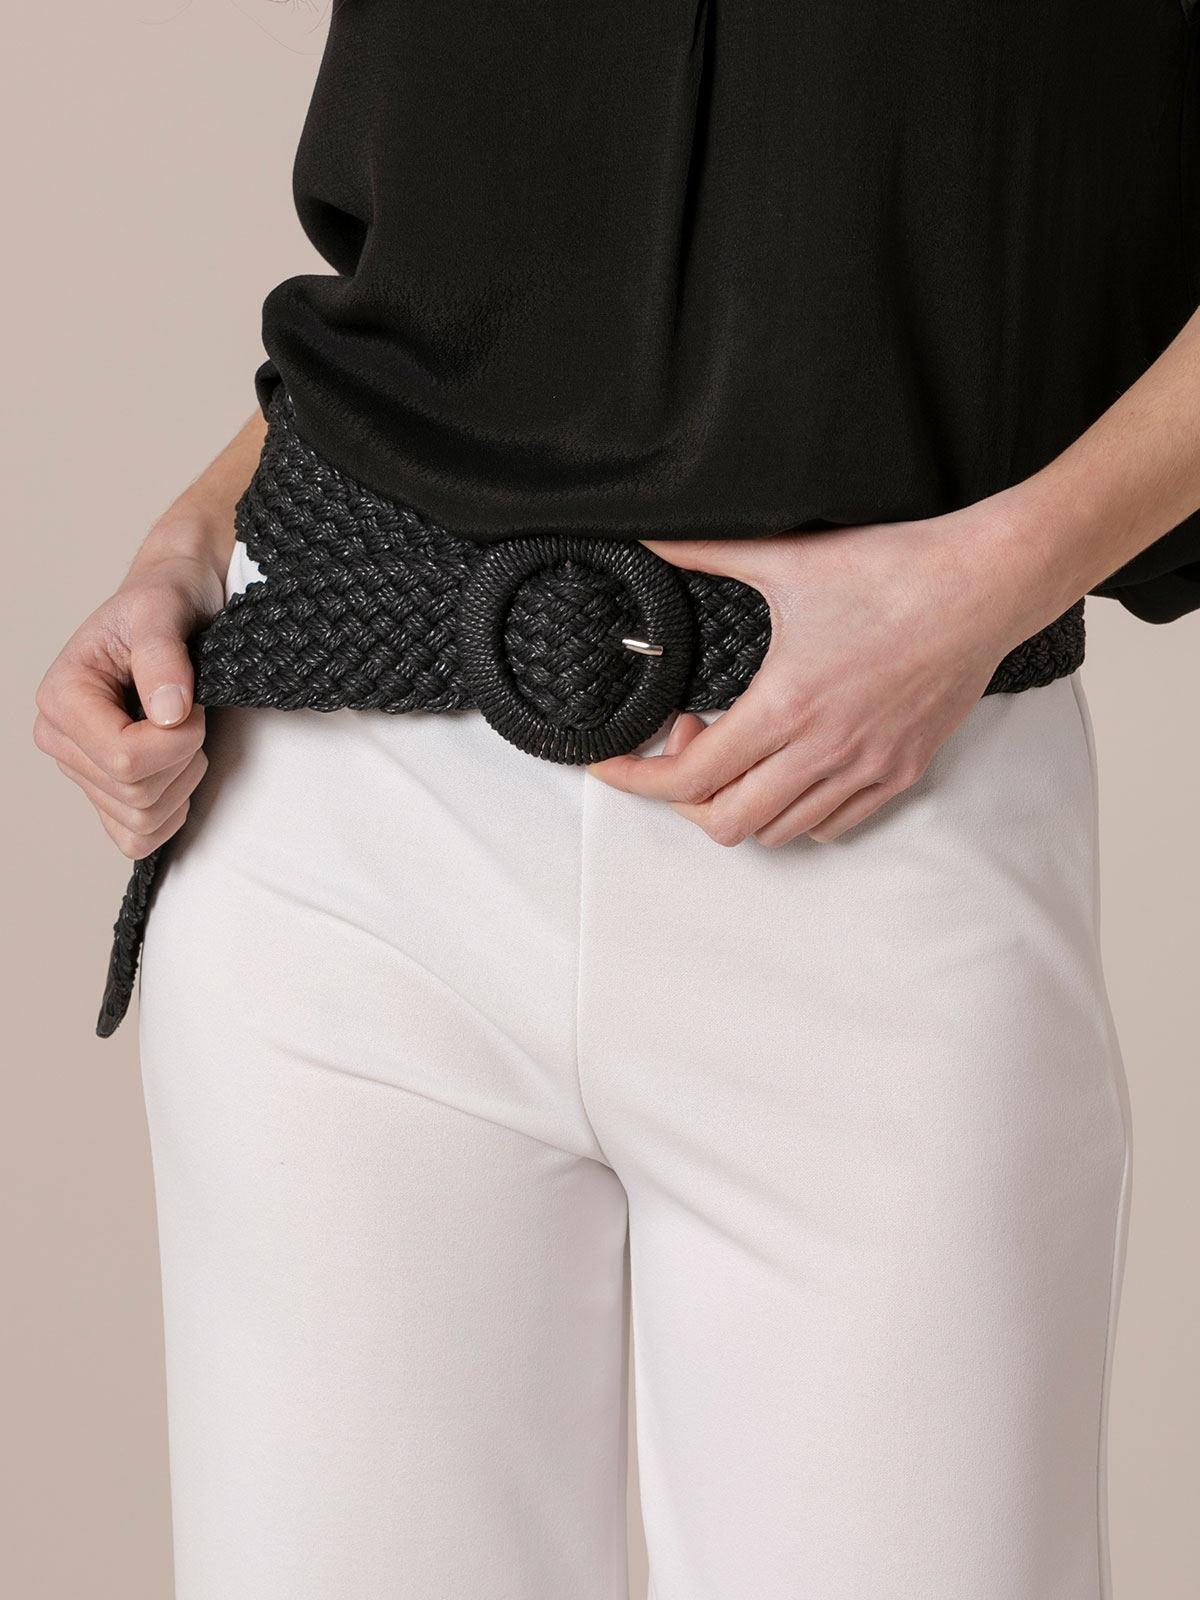 Cinturón mujer trenzado Negro